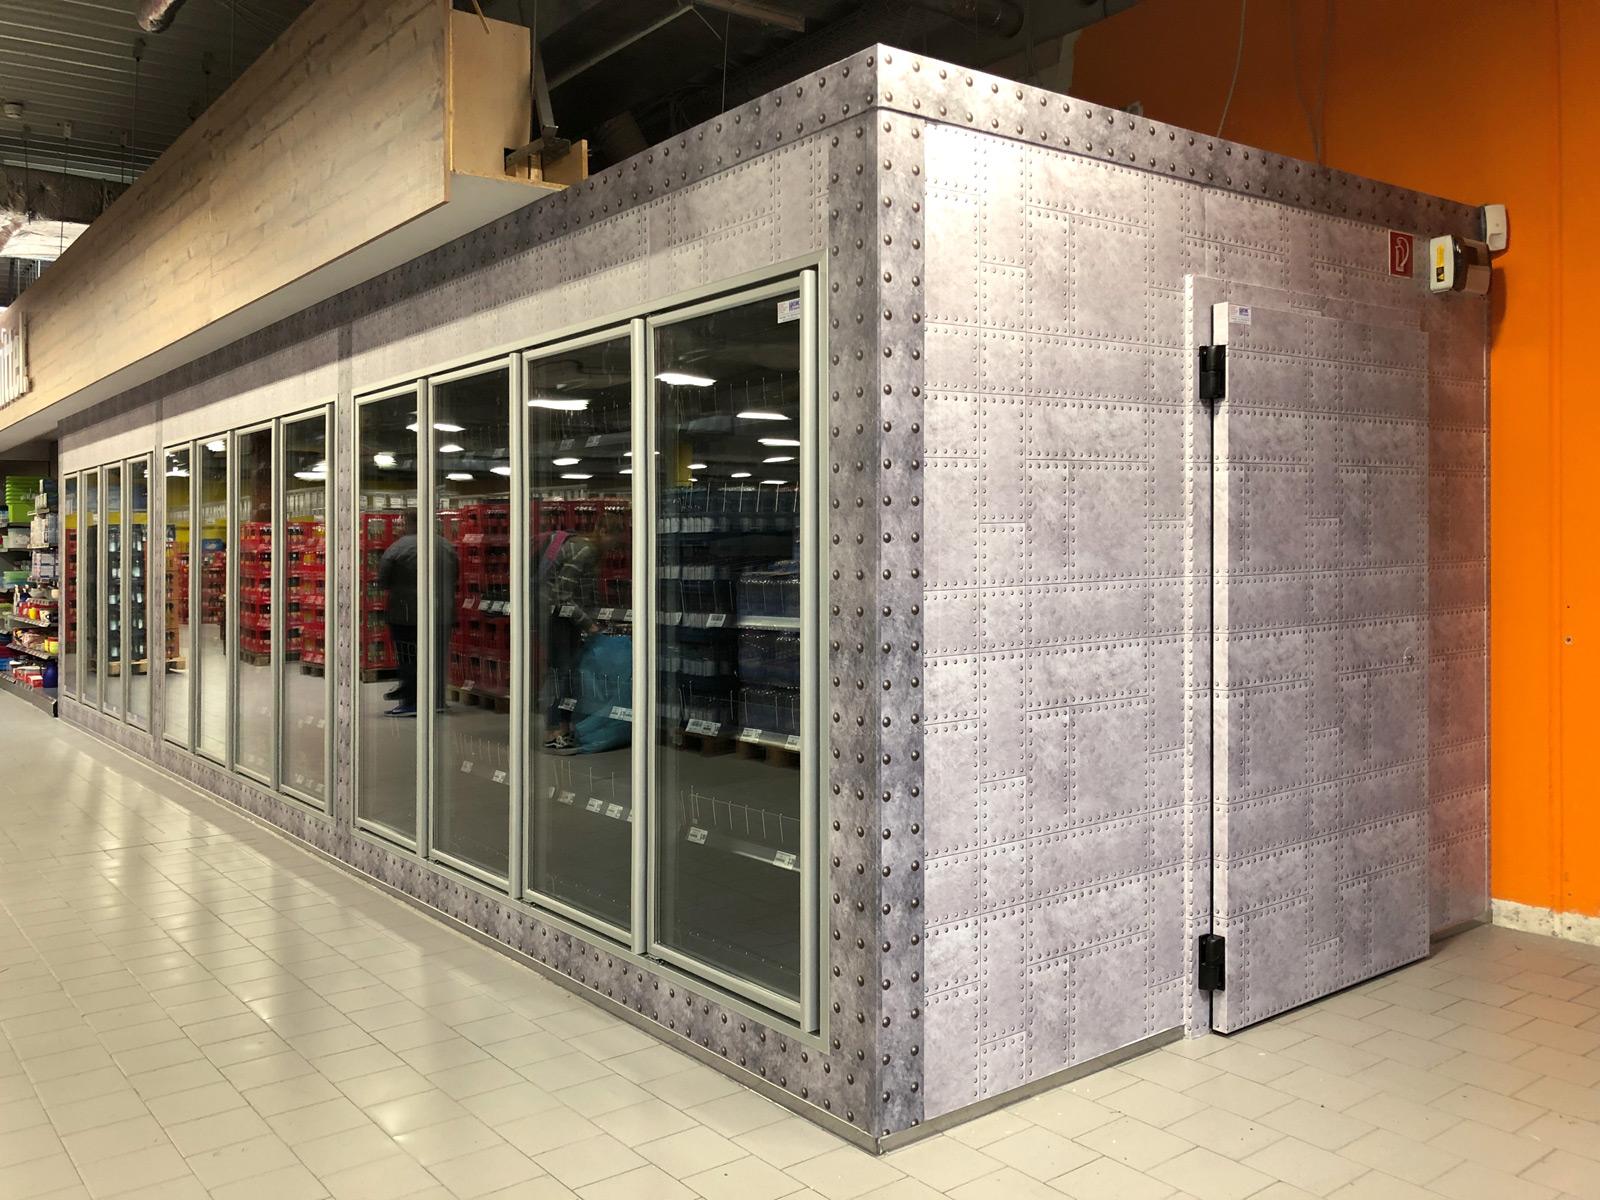 Großflächig folierter Kühlraum in einem Edekamarkt. Hier sieht man, dass auch eine Türe mit Rahmen vollflächig foliert ist